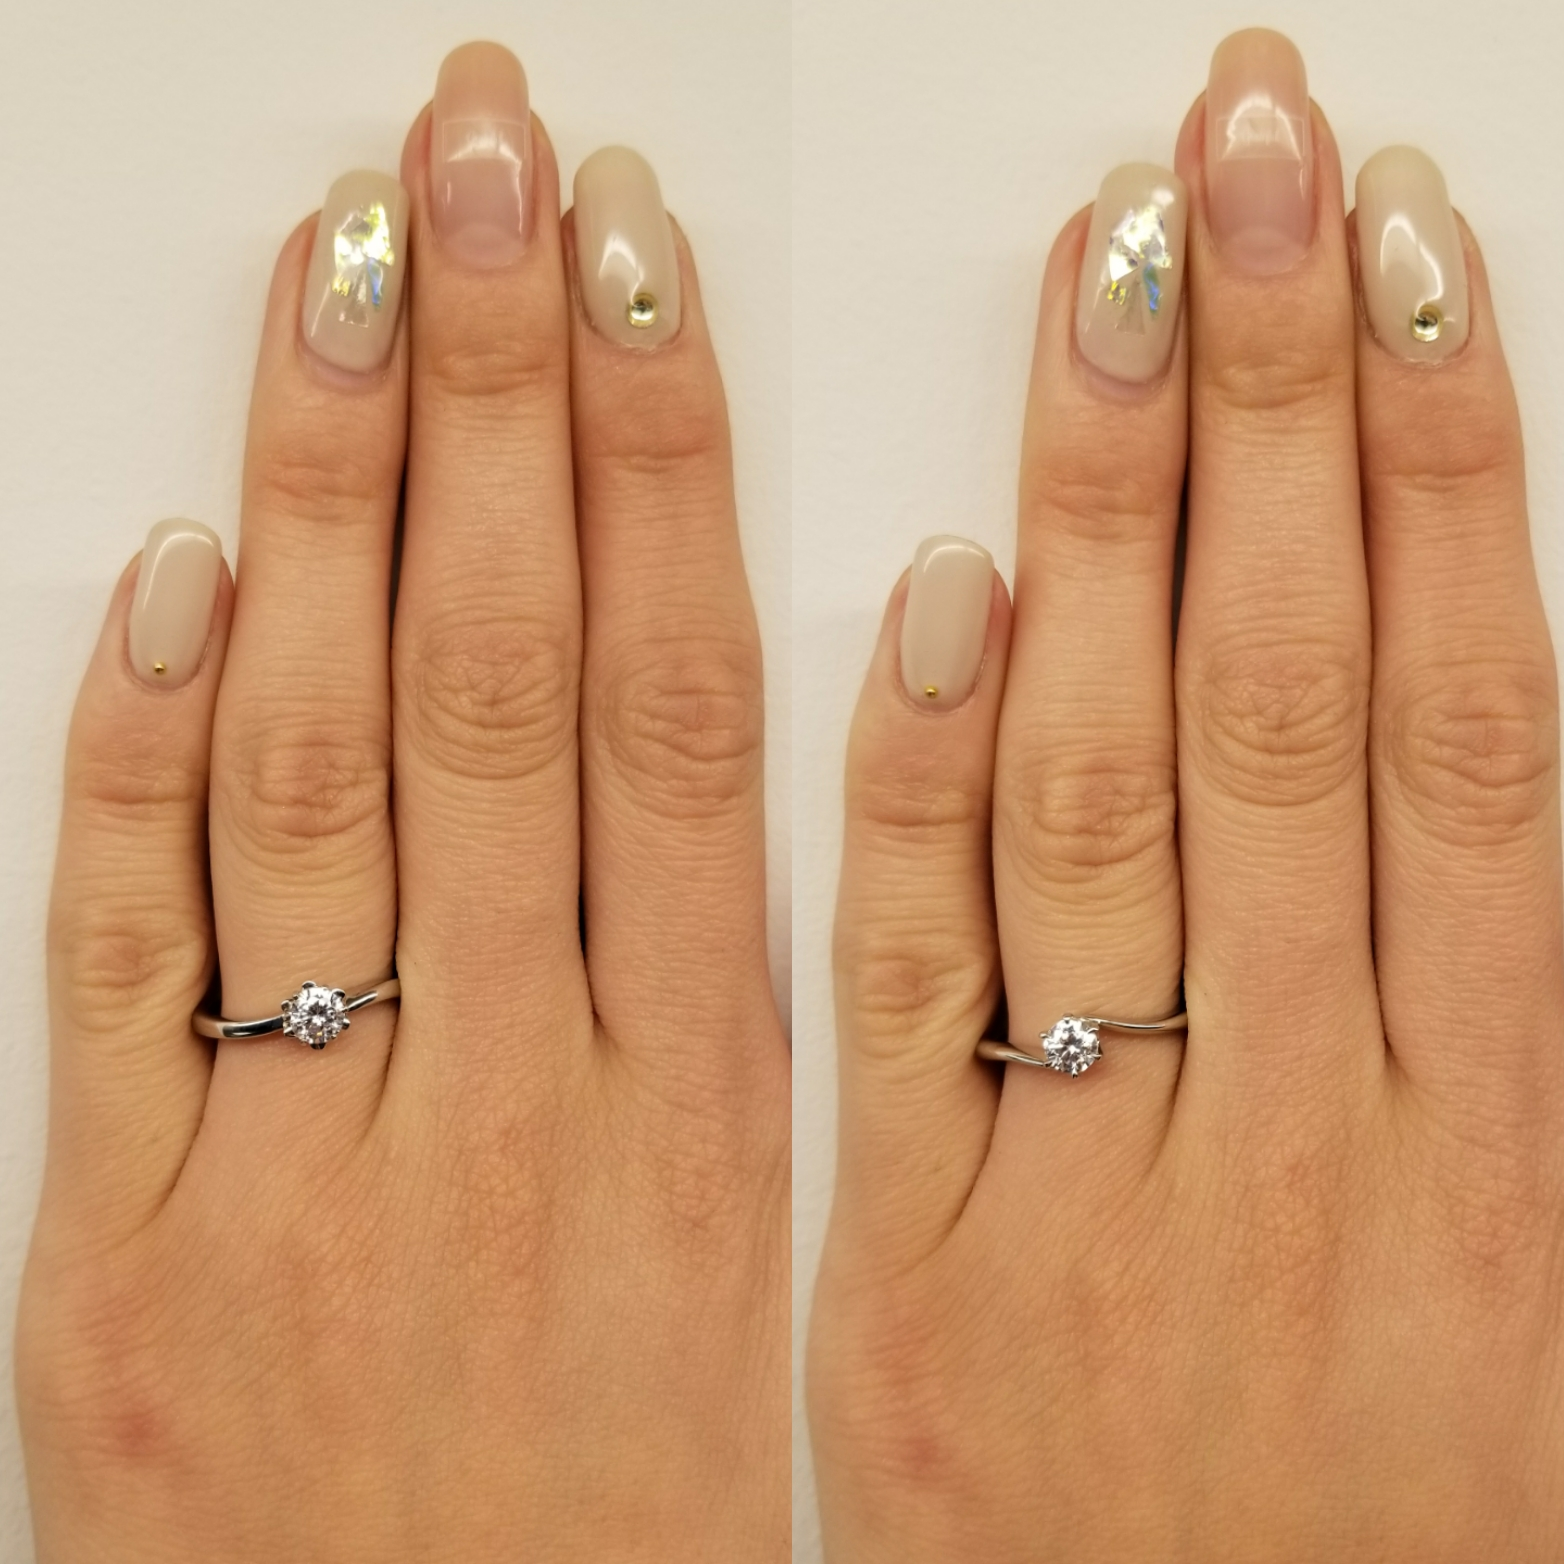 EIKA_EC1012_PT950_レビュー_着用イメージ_婚約指輪_エンゲージリング_プレ花嫁_プロポーズ_比較_大きさ_ダイヤモンド